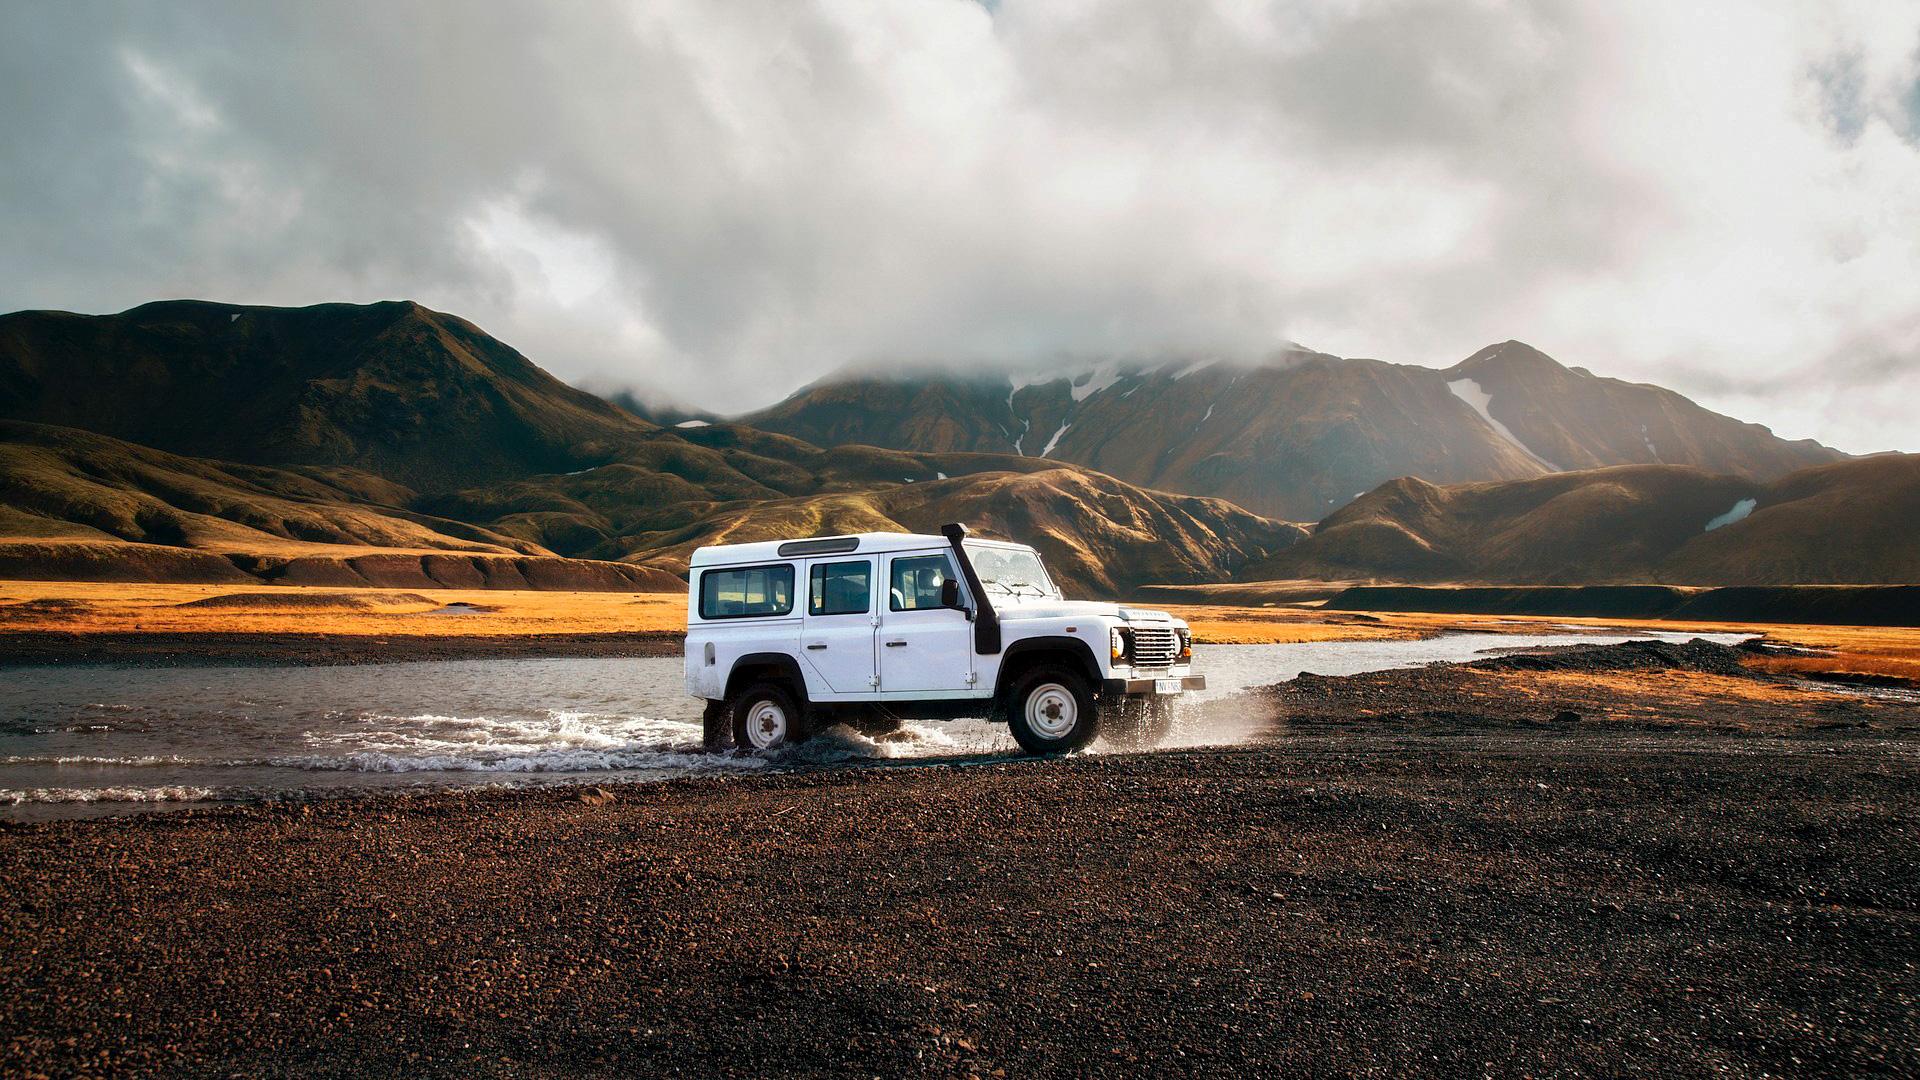 Starten Sie mit dem Mietwagen-Vergleich für Island zu Ihrer Traumreise auf die Insel aus Feuer und Eis